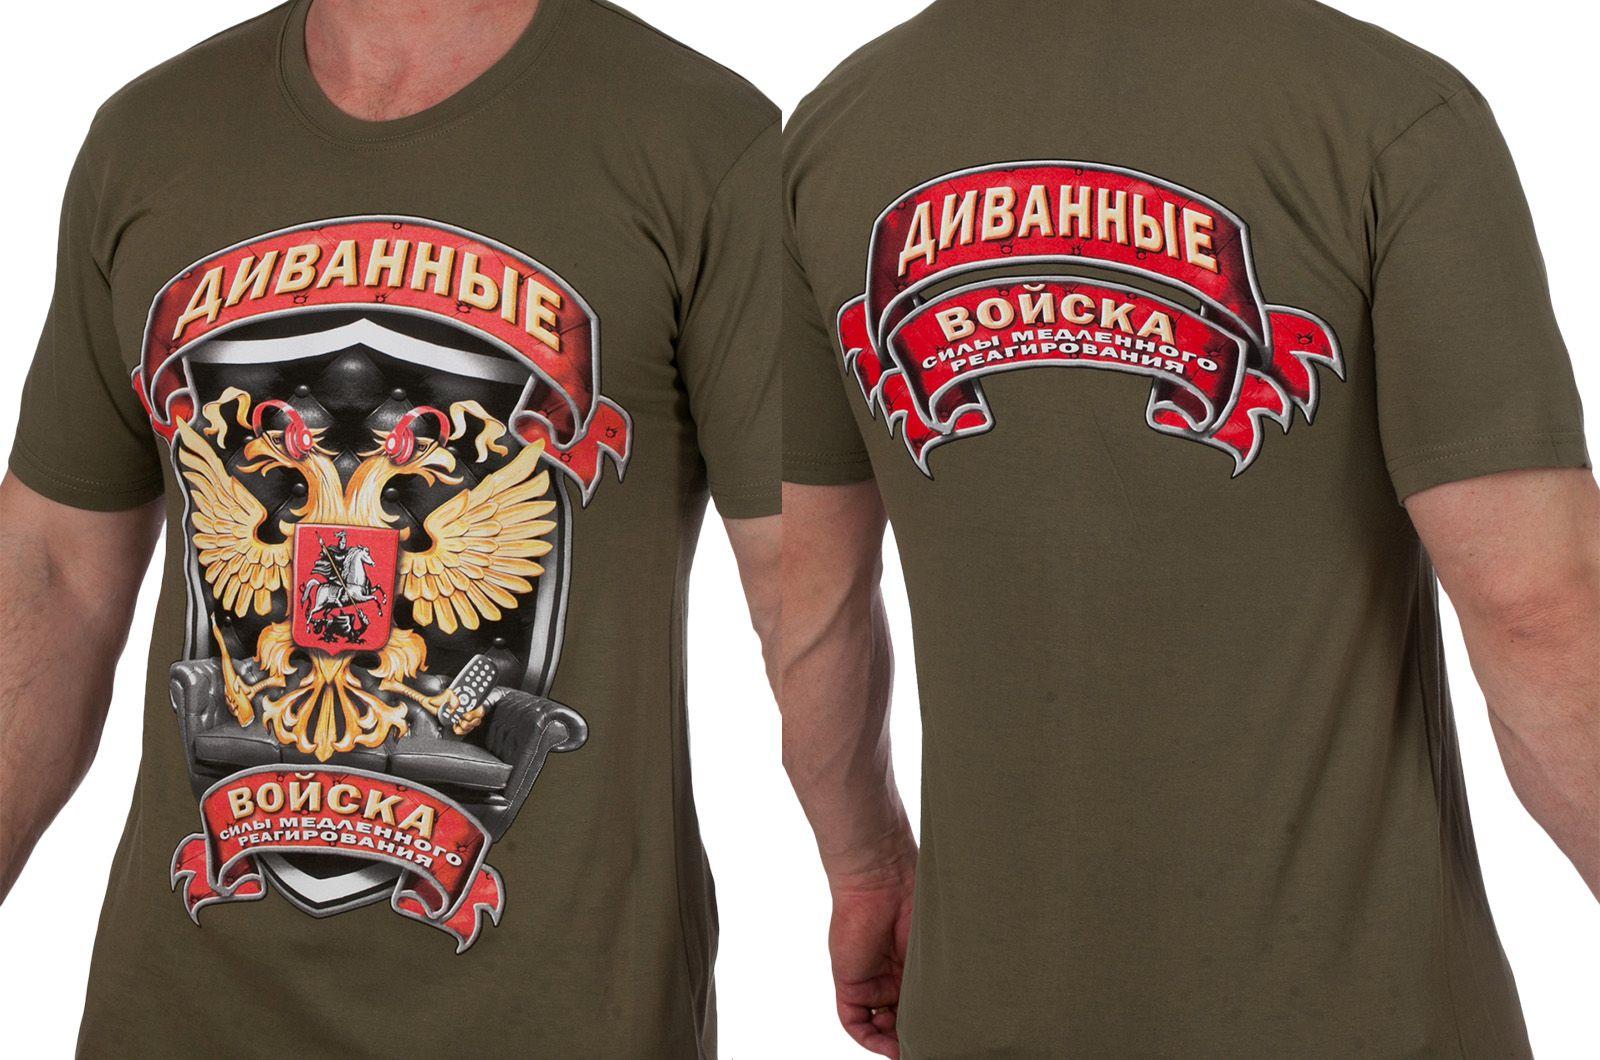 Купить футболку Диванных войск